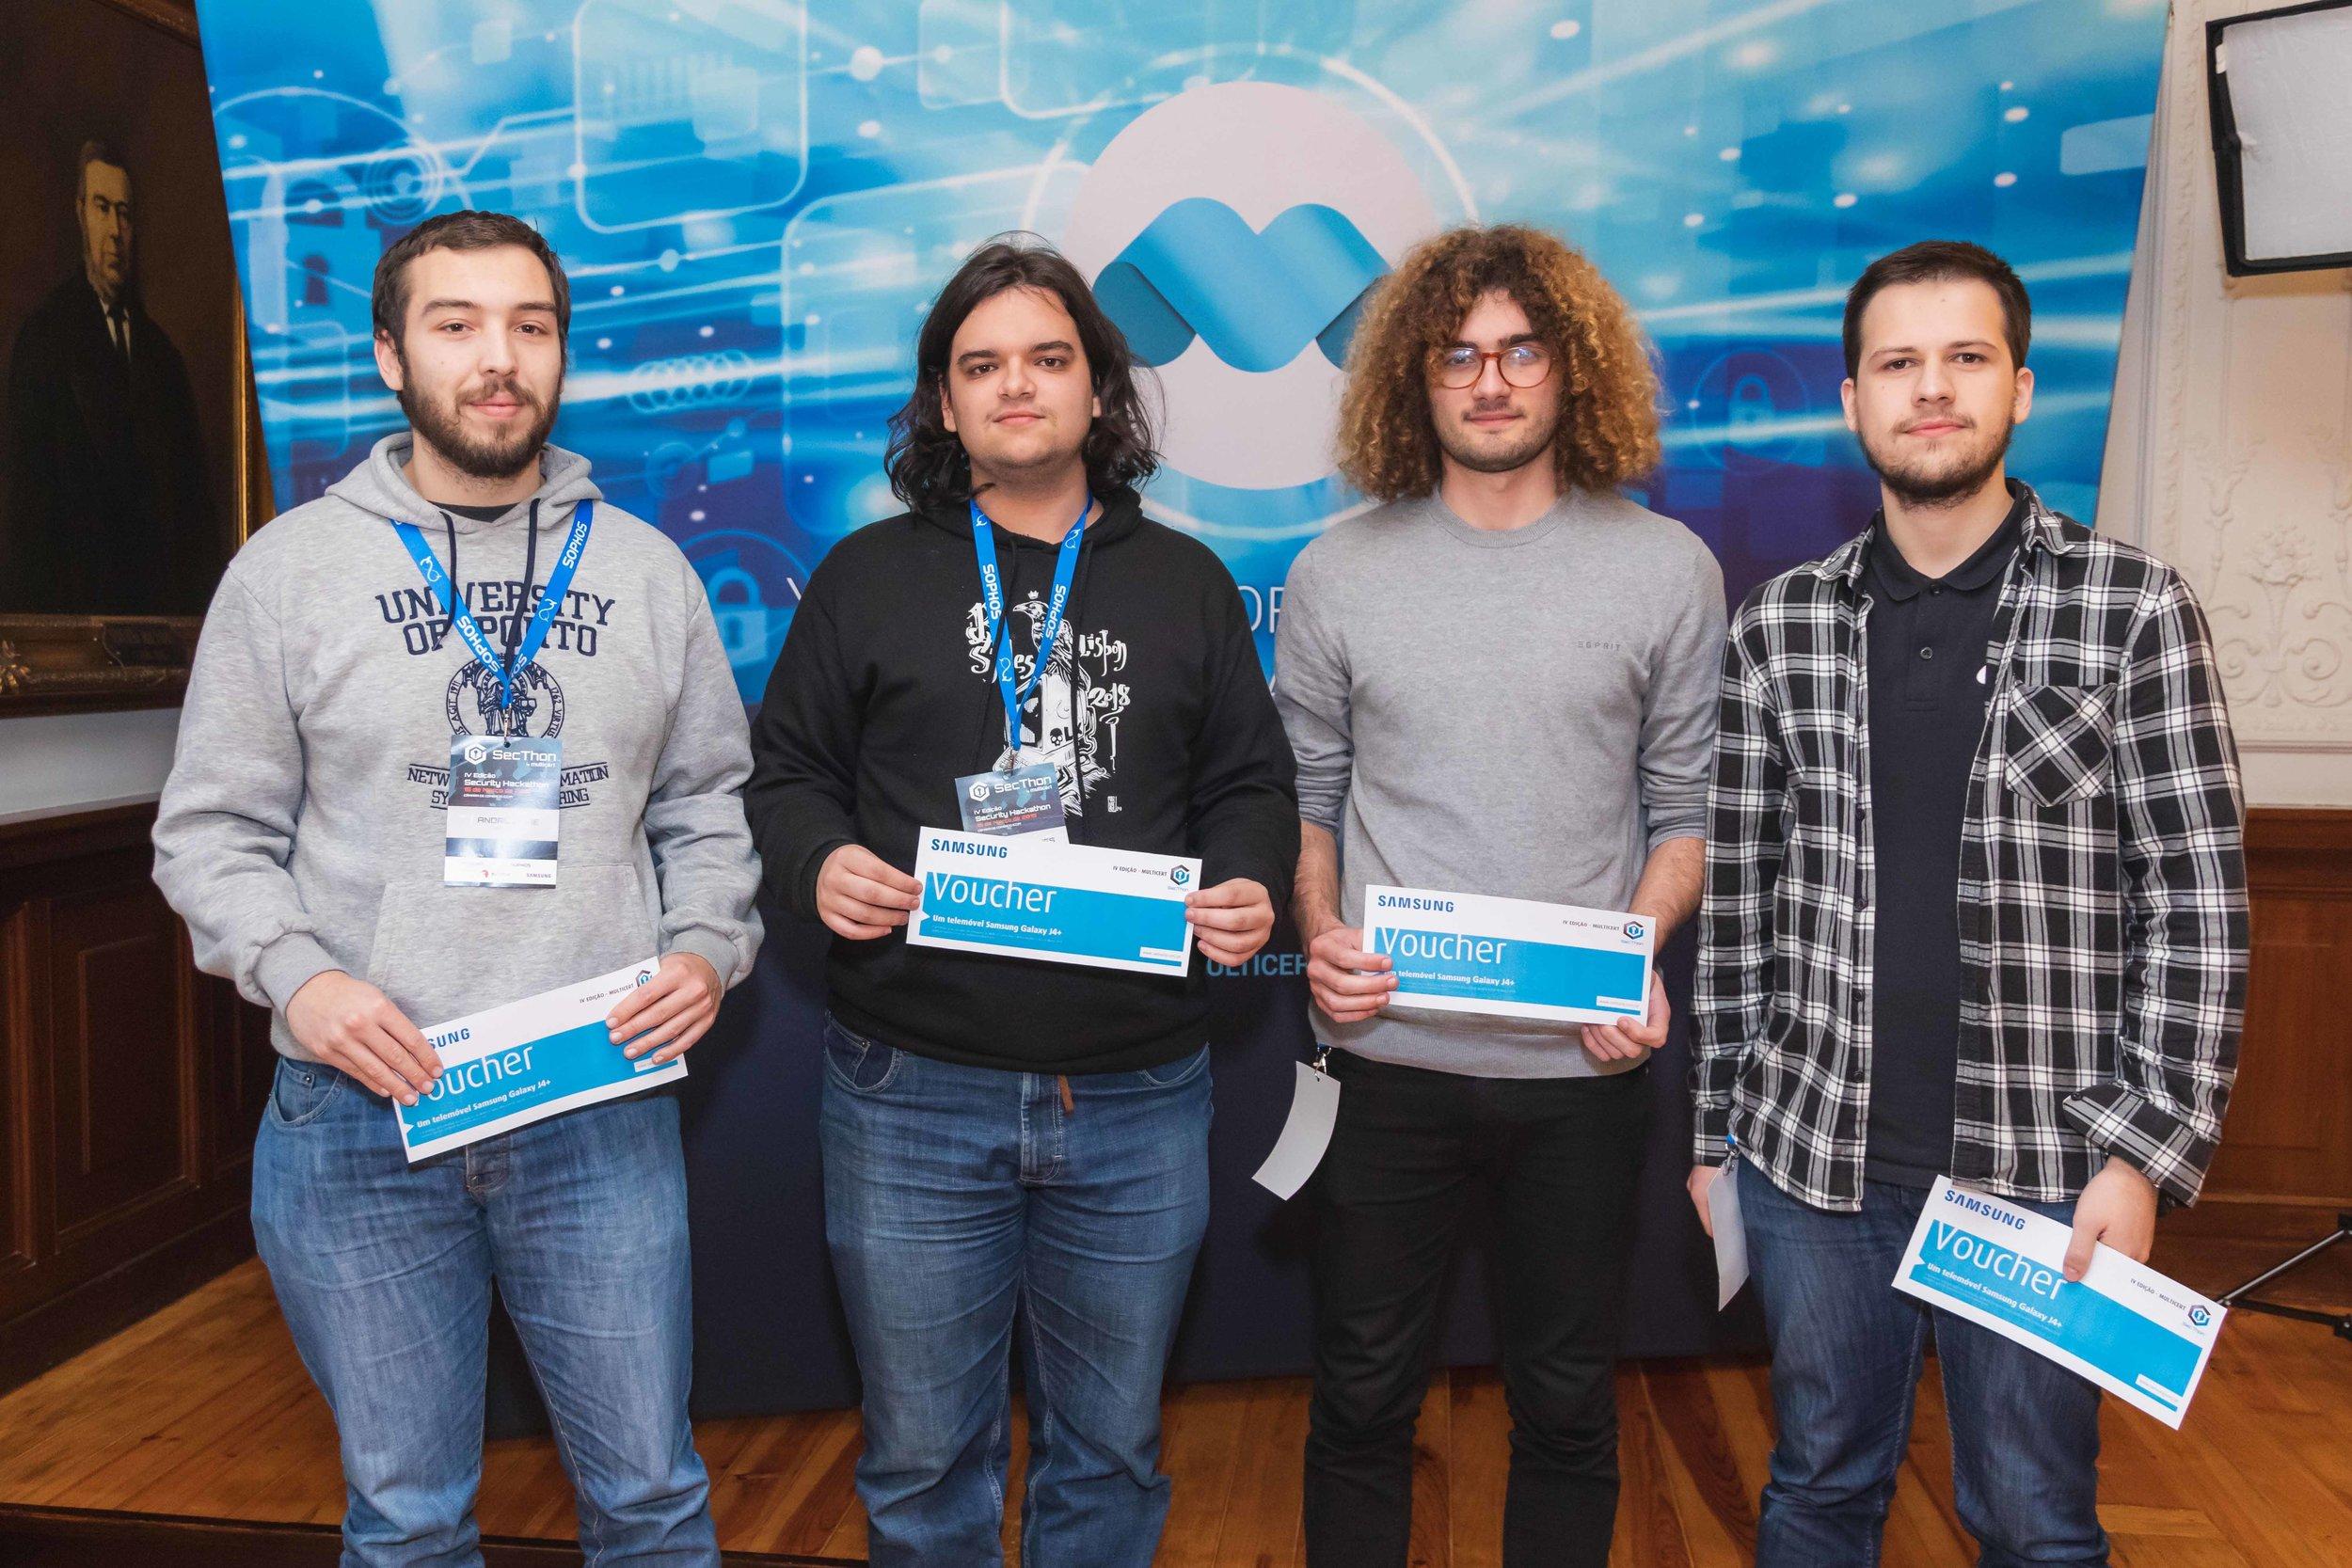 Em segundo lugar a equipa > PBJVIRQ   André Cirne, Fábio Freitas, Nuno Lopes e José Marques   1 telemóvel Samsung por elemento da equipa